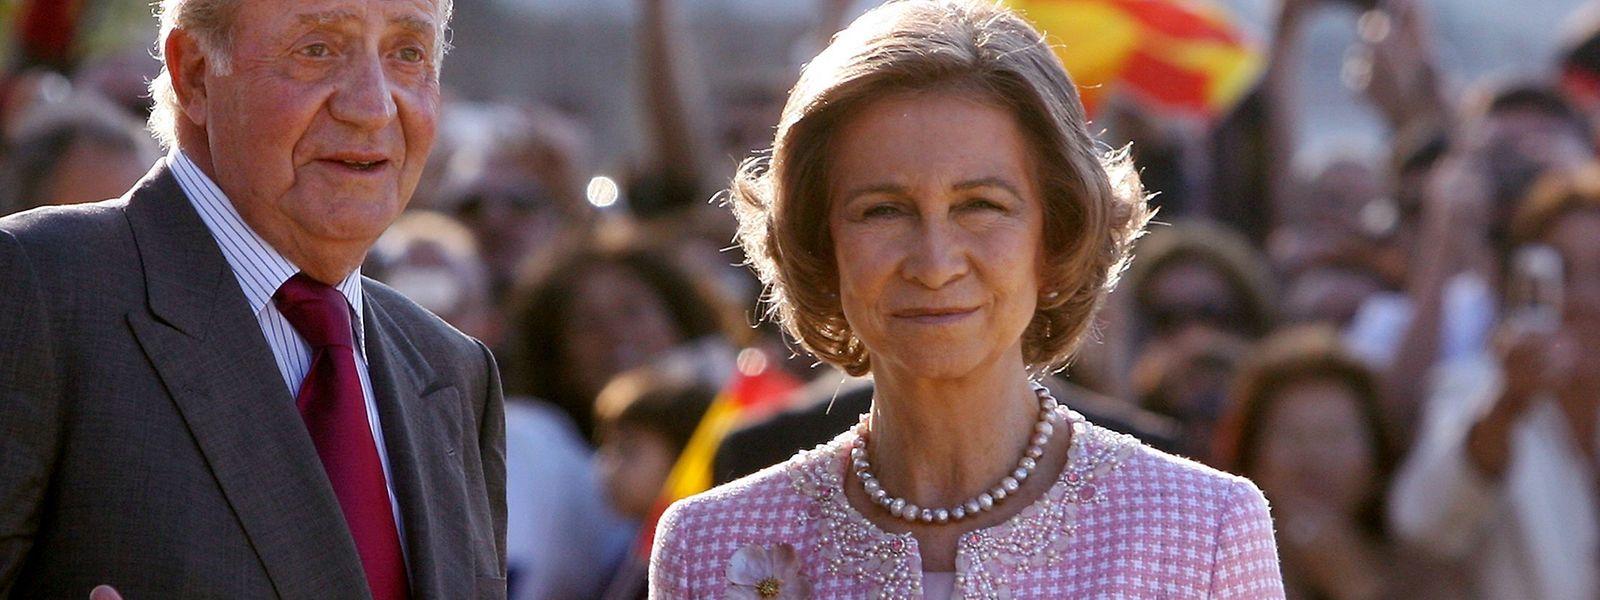 Gattin Sofia wird den Monarchen nicht ins Exil begleiten.